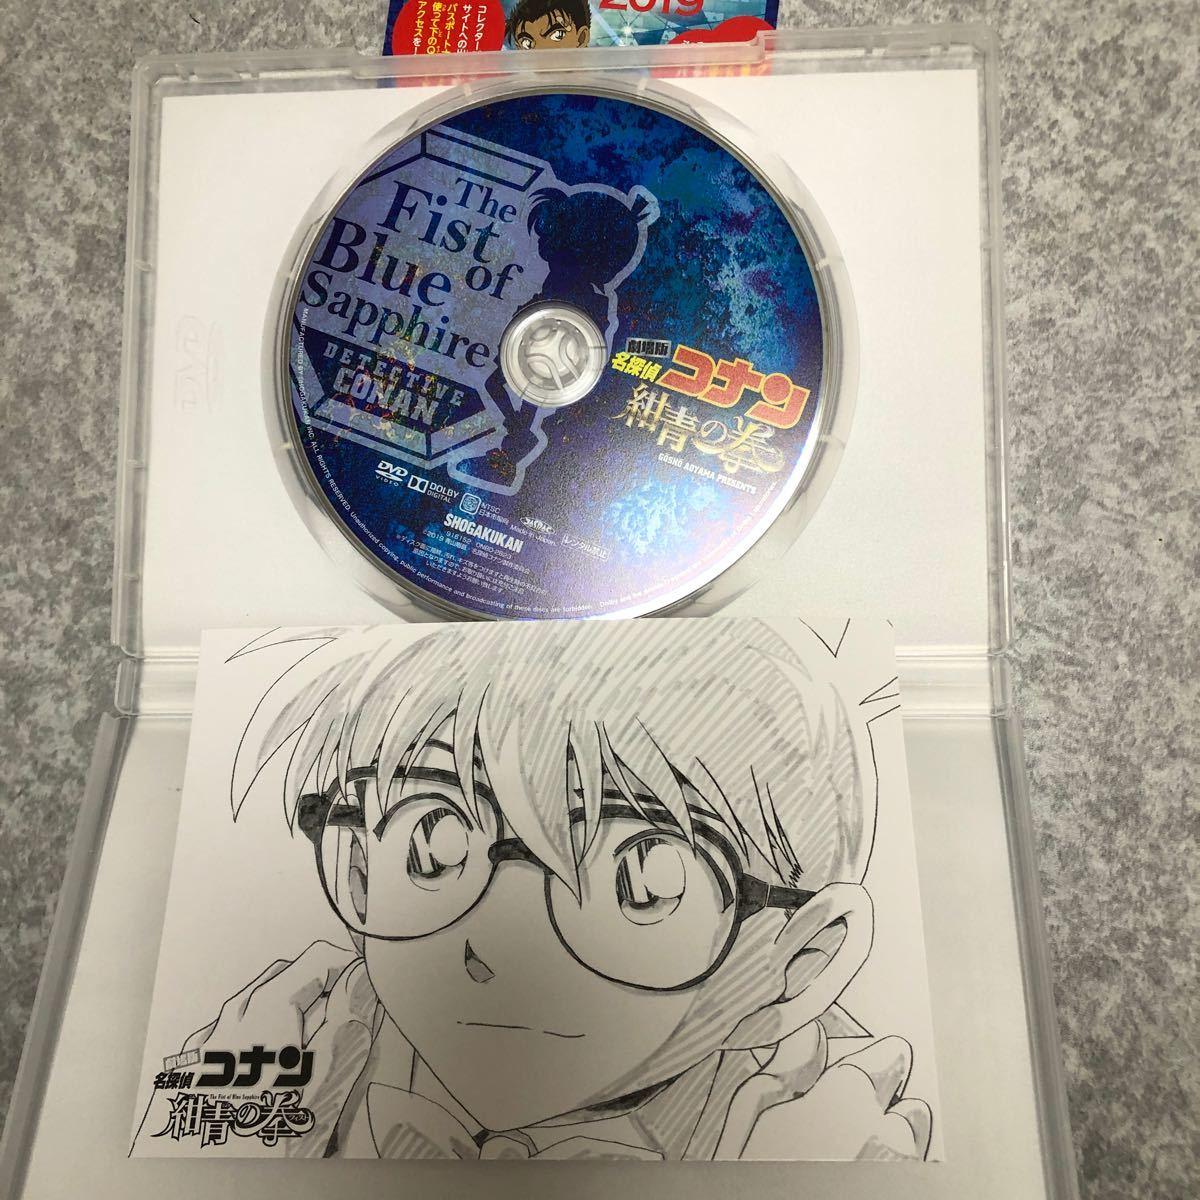 通常盤DVD 名探偵コナン DVD/劇場版名探偵コナン 紺青の拳 (フィスト) 19/10/2発売 オリコン加盟店